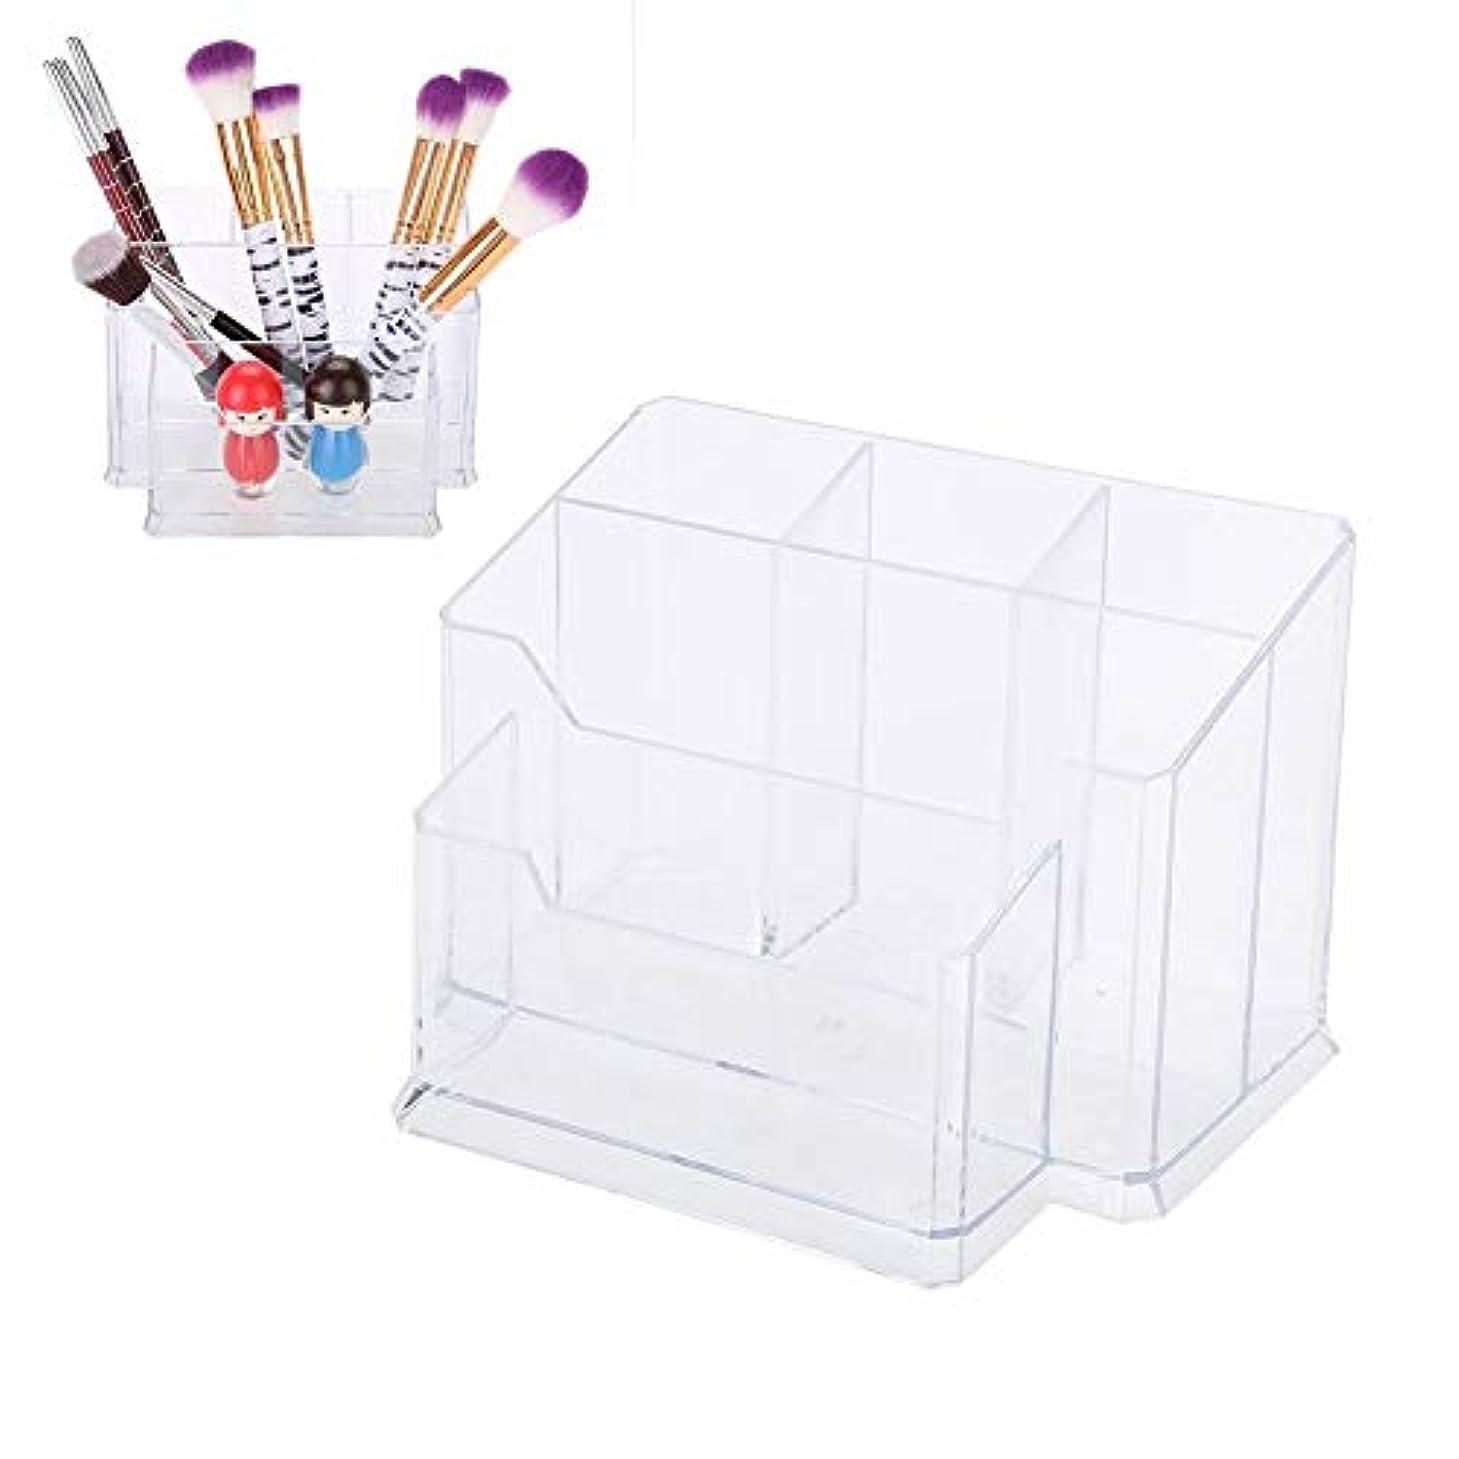 信頼性がっかりするスラム化粧ブラシ収納ボックス アクリル製 コスメ収納 スタンド 口紅 リップ 小物入れ 透明